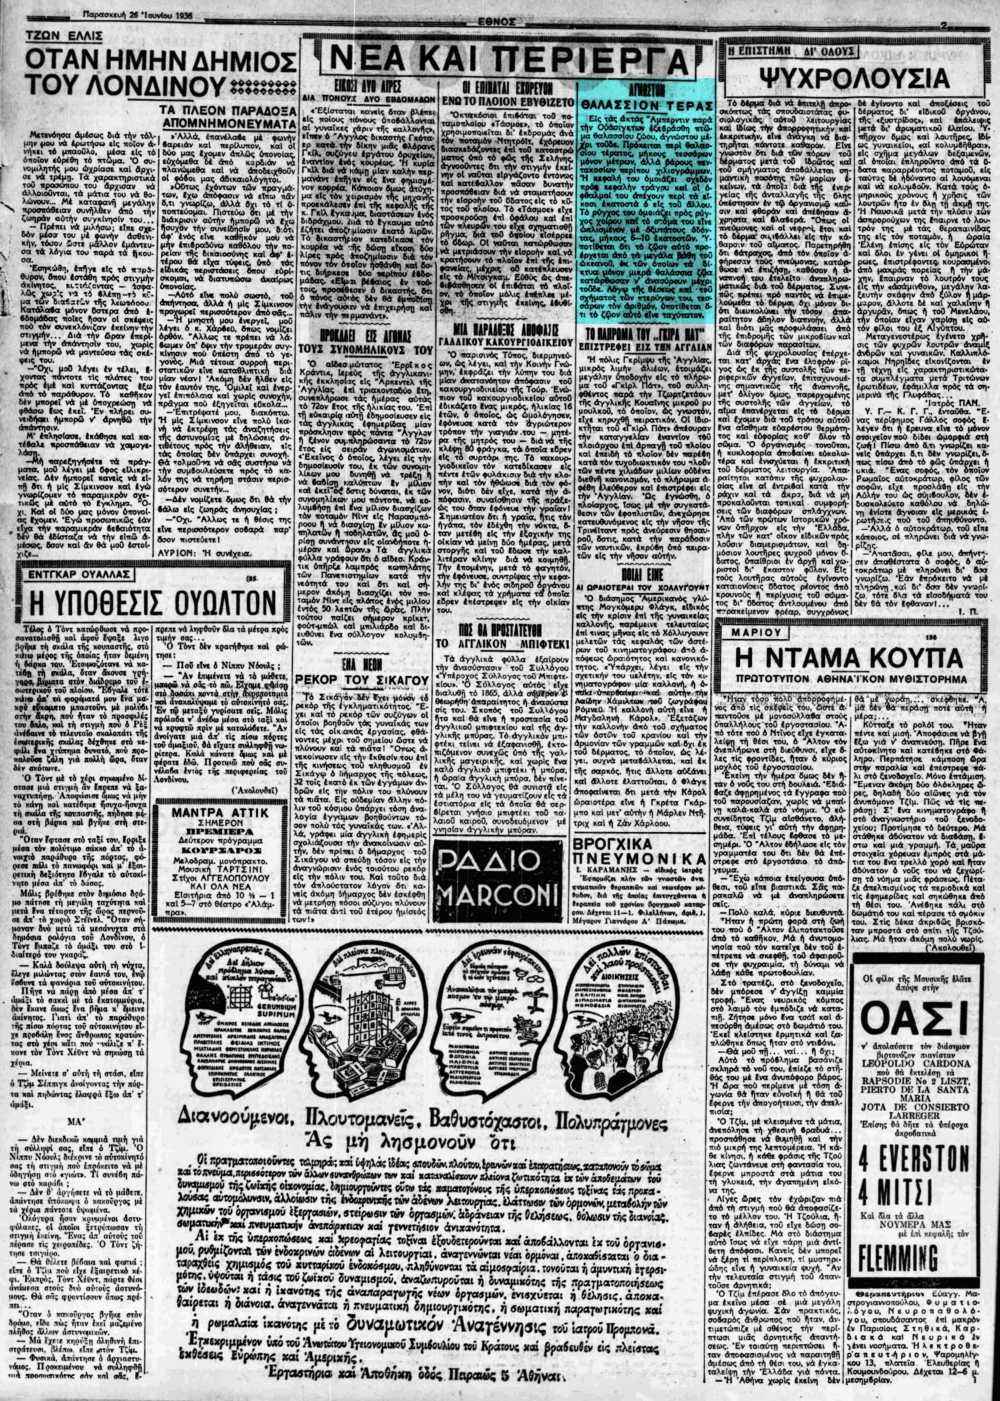 """Το άρθρο, όπως δημοσιεύθηκε στην εφημερίδα """"ΕΘΝΟΣ"""", στις 26/06/1936"""